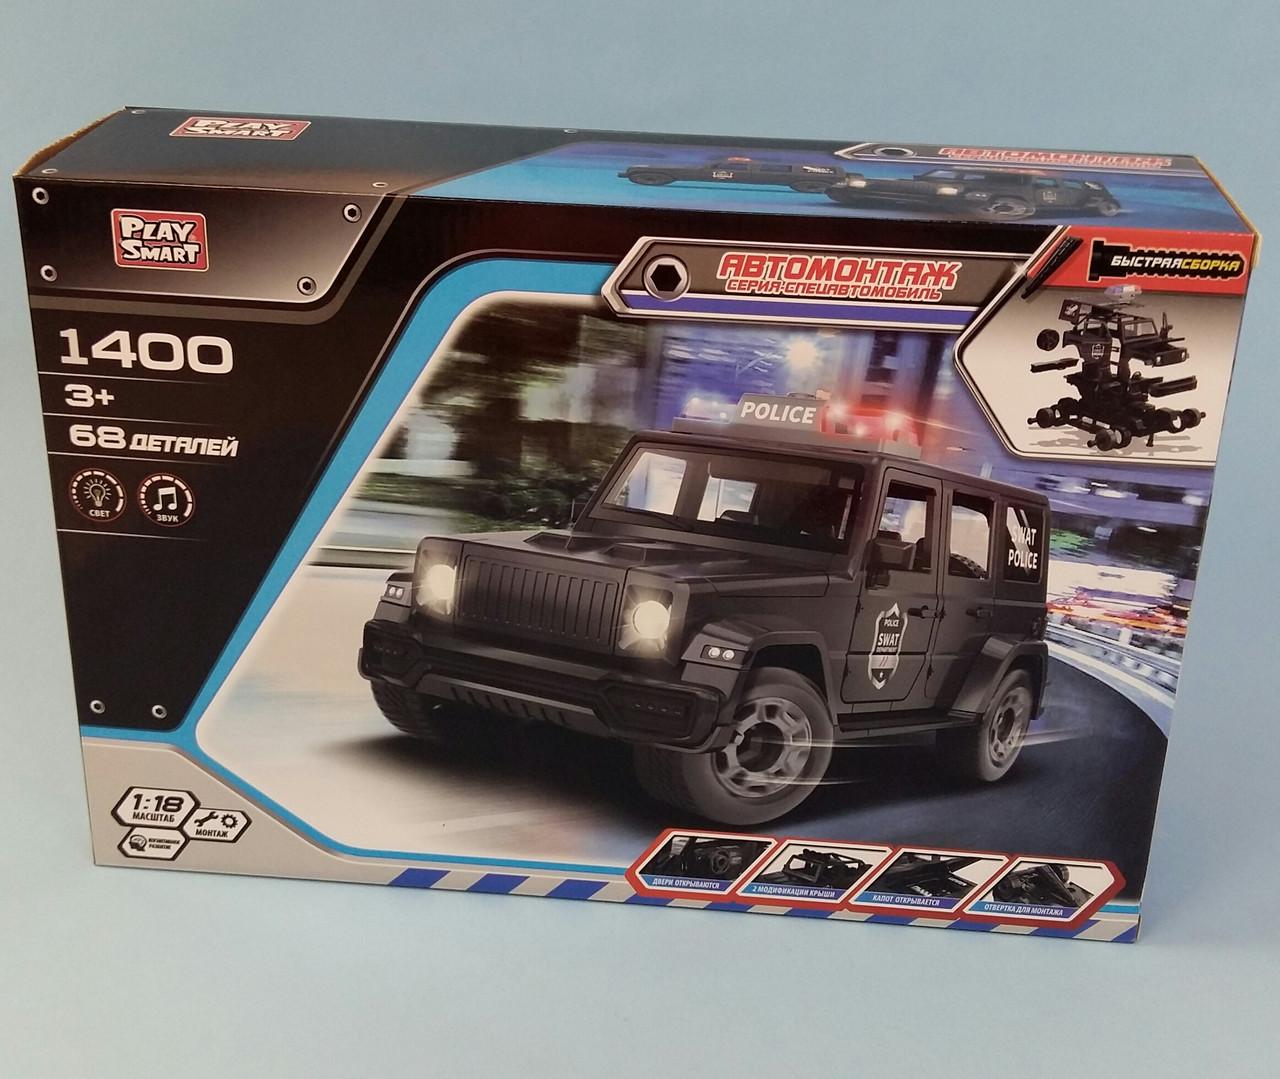 """Машинка - конструктор Джип Автомонтаж, Полицейский джип, свет, звук, """"Play Smart"""" 68 деталей 1400"""